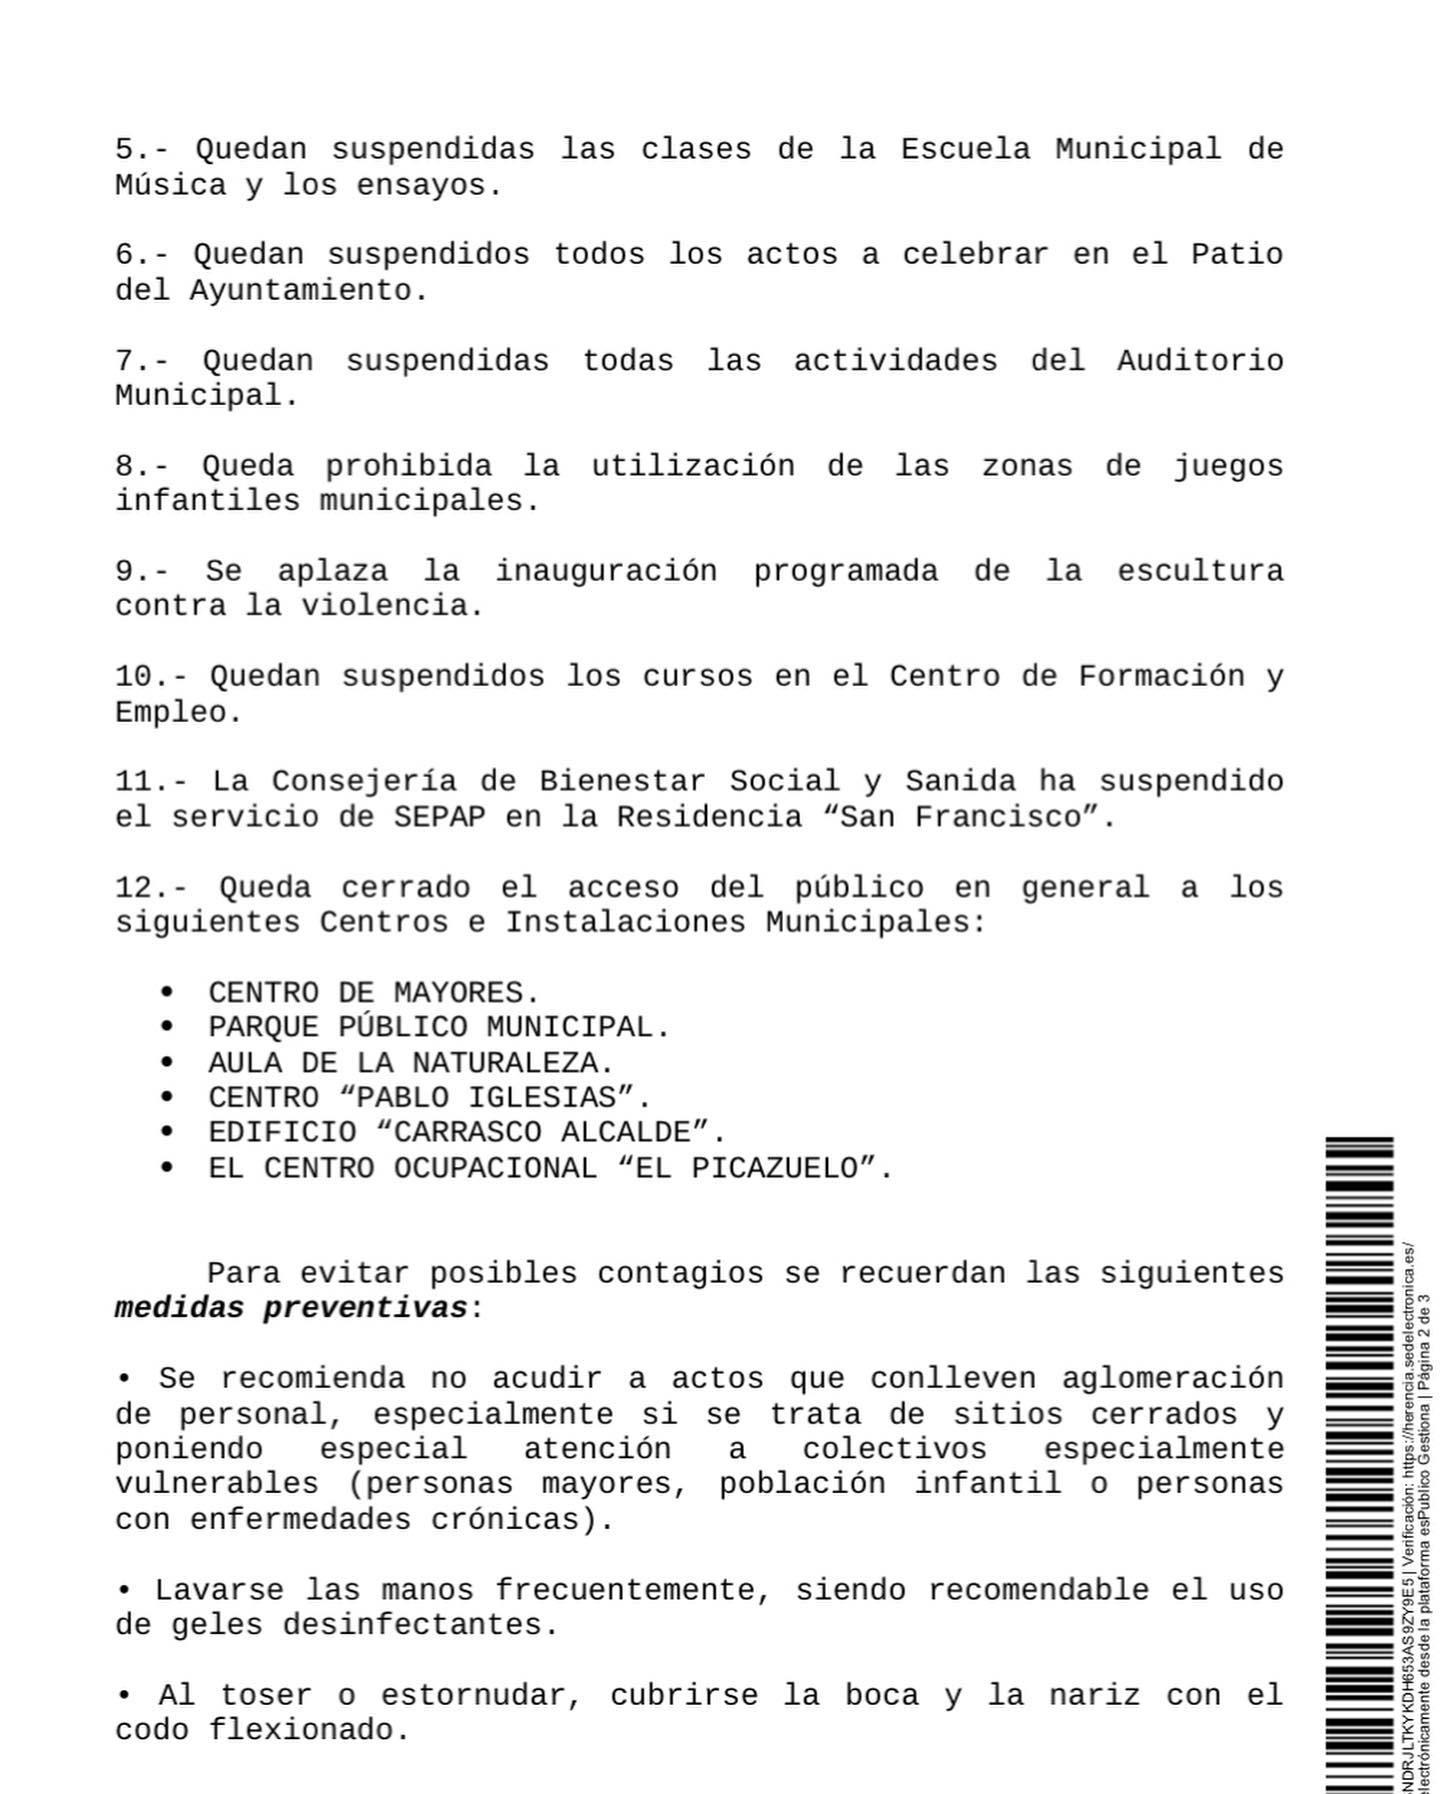 bando coronavirus herencia 2 - Bando municipal con las medidas adoptadas en Herencia por el Coronavirus